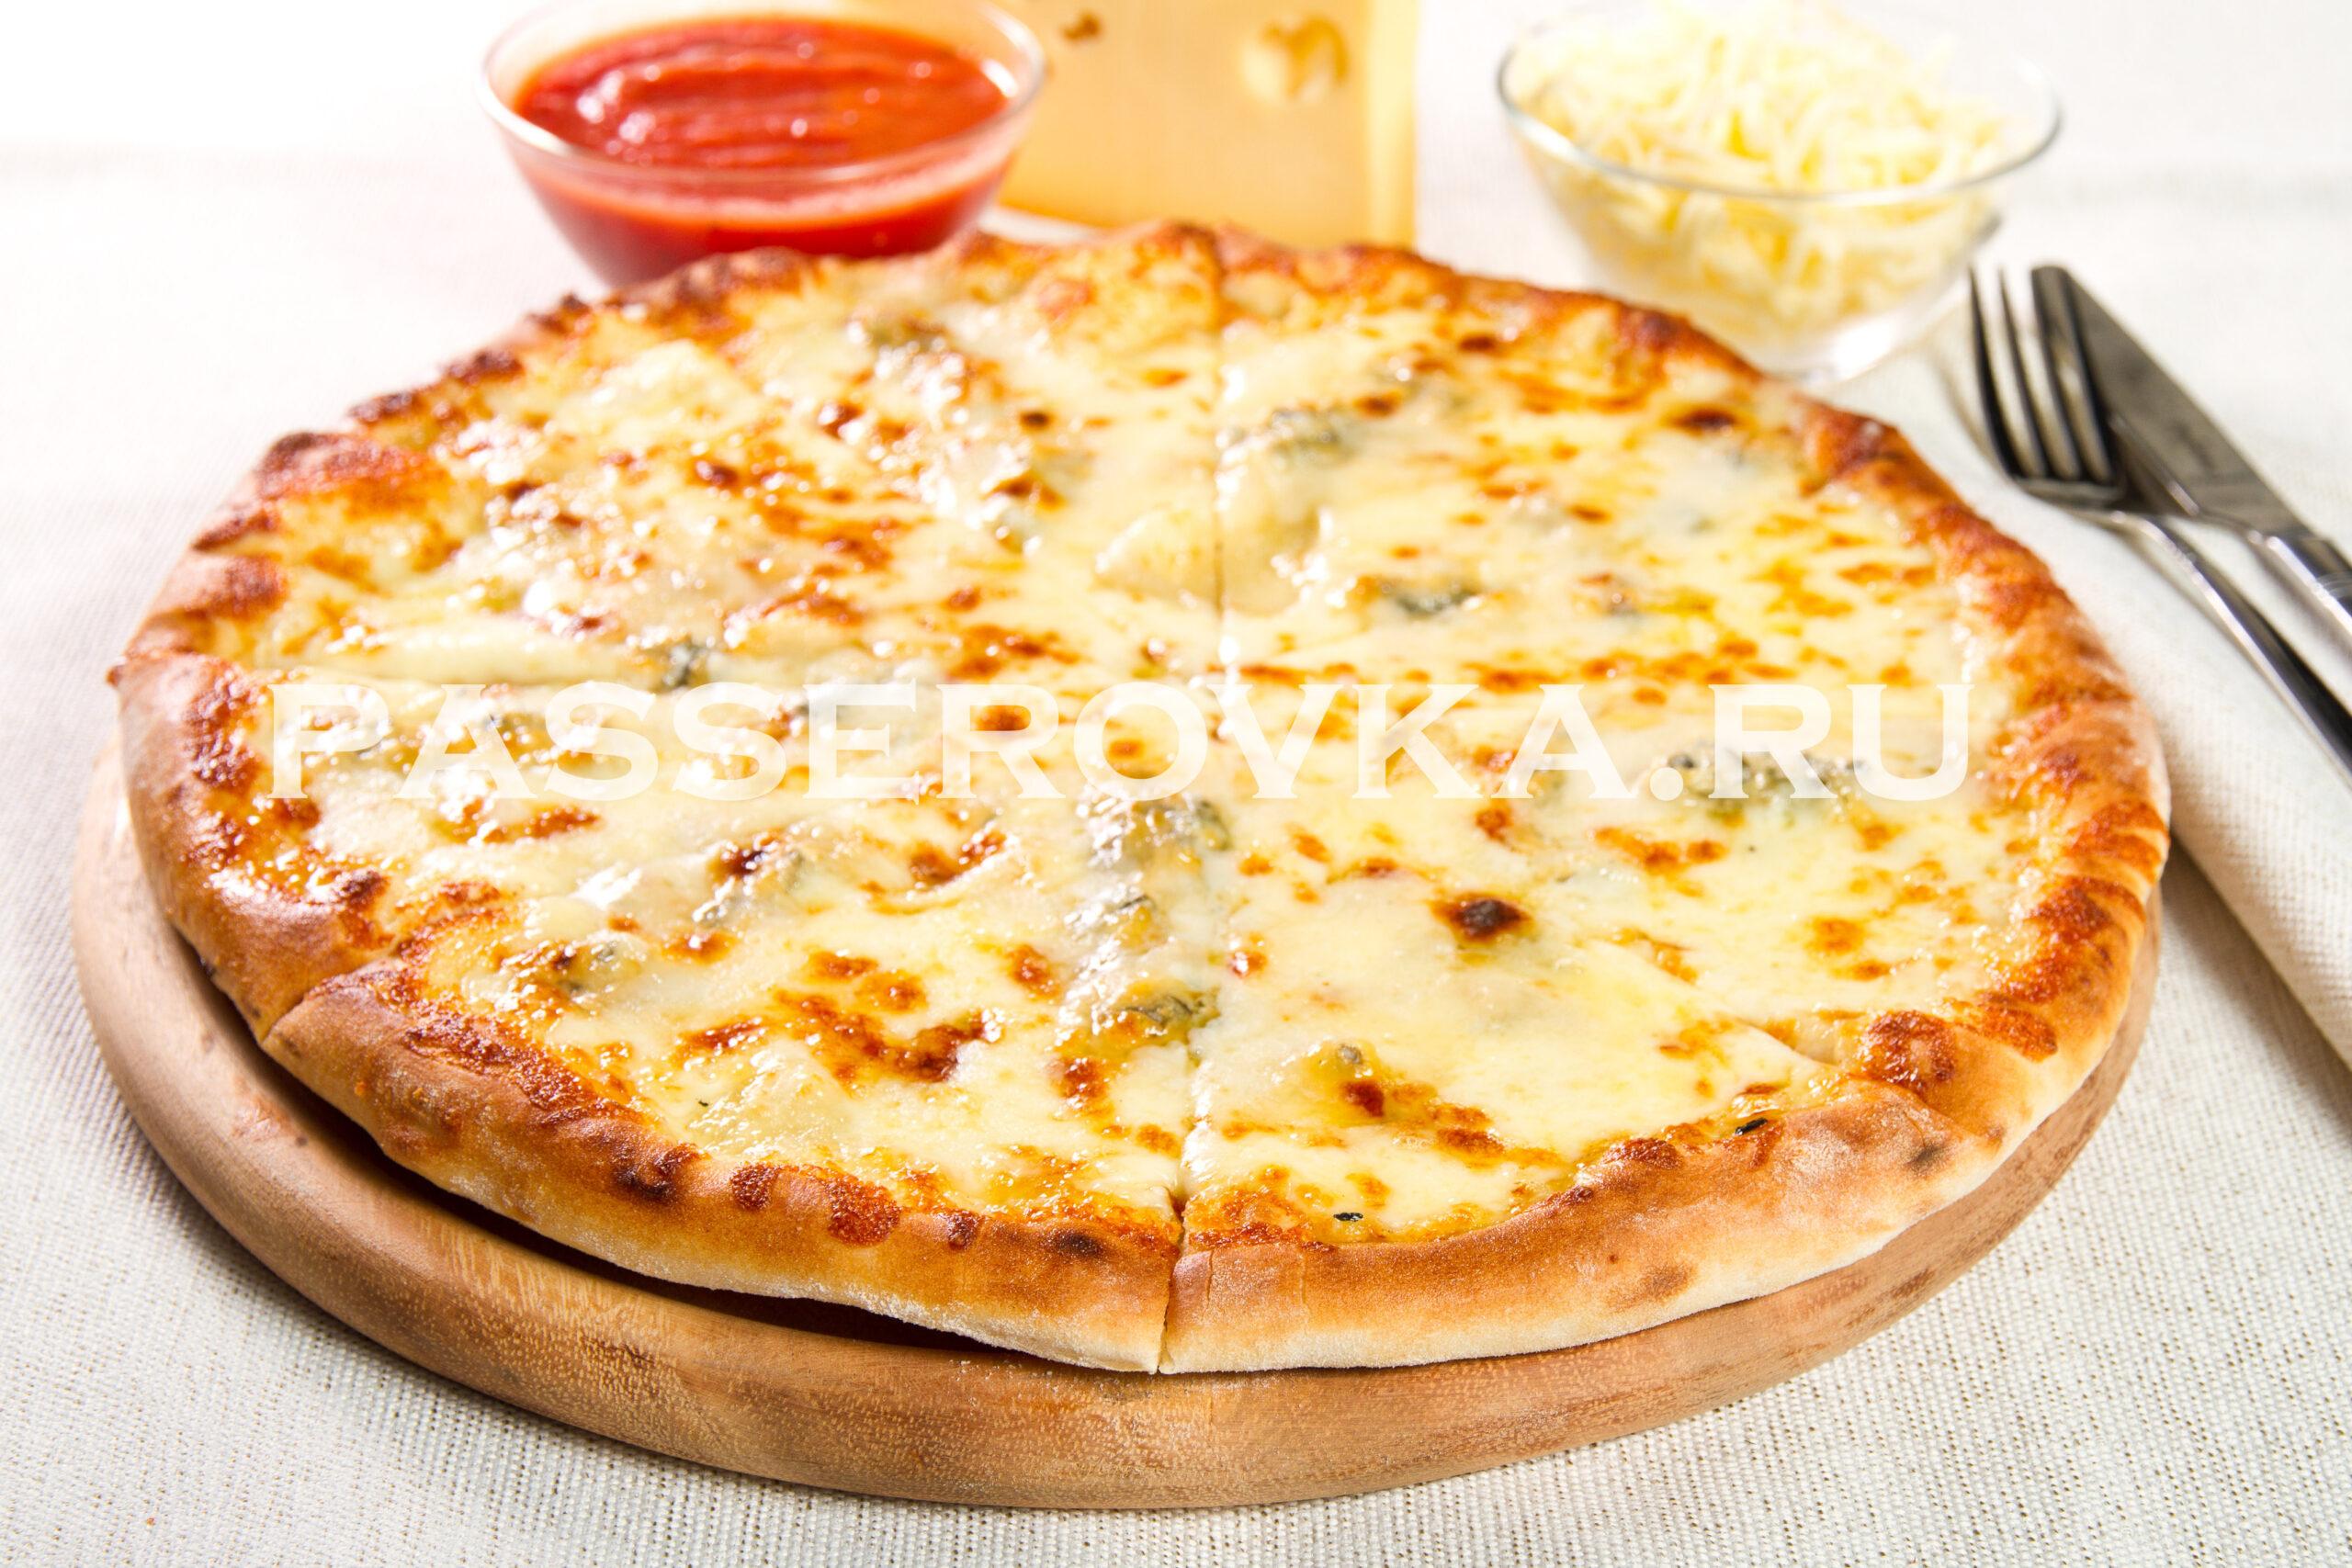 Пицца 4 сыра рецепт в домашних условиях в духовке